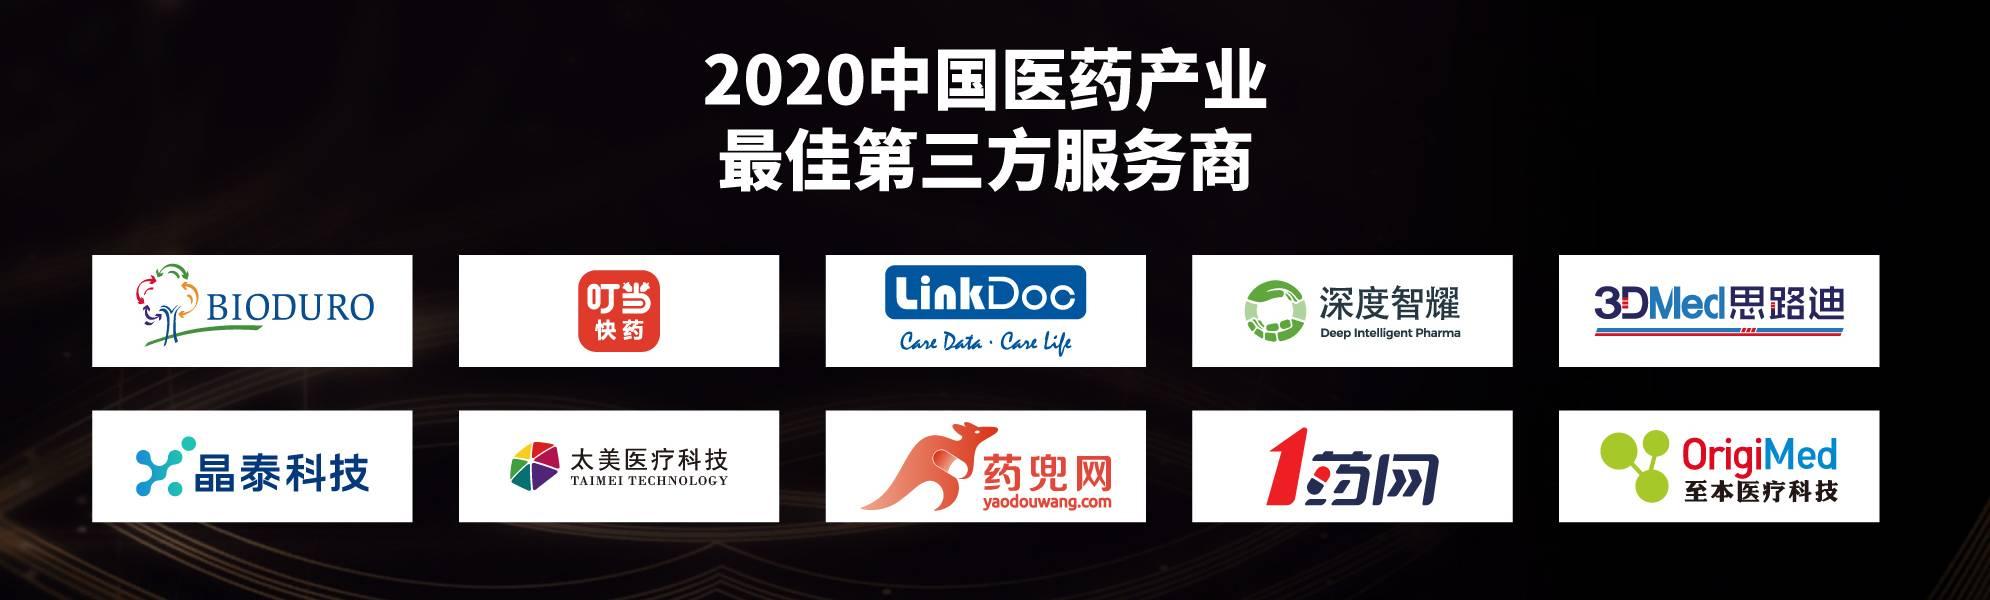 2020中国医药产业最佳第三方服务商.jpg